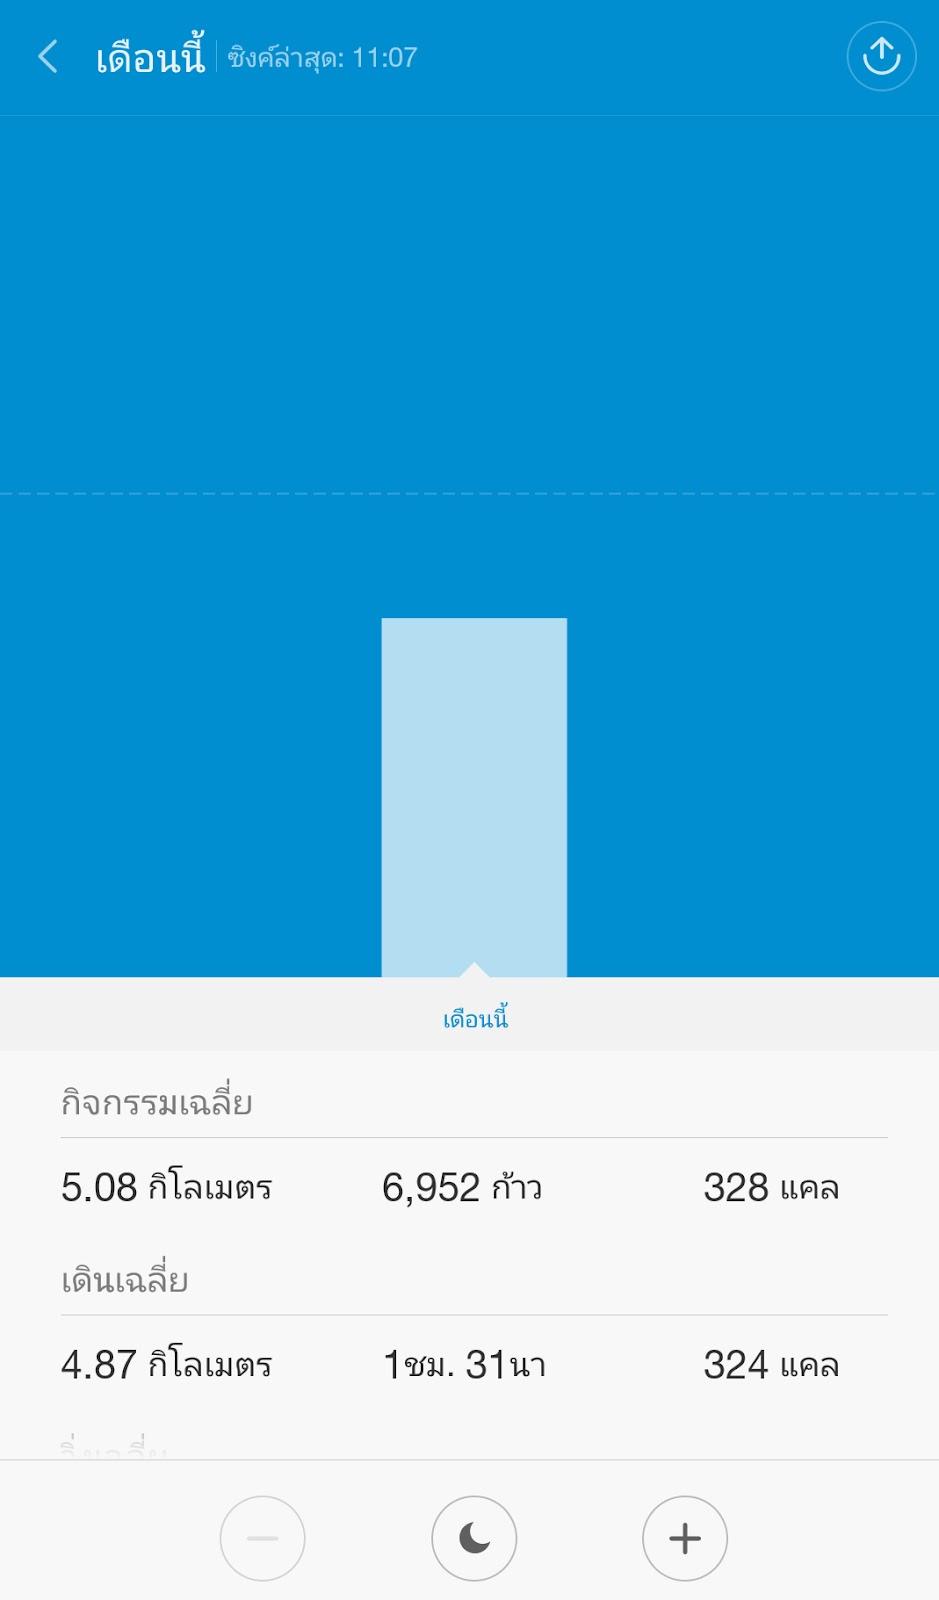 Screenshot_2015-06-30-11-10-12-713.jpg